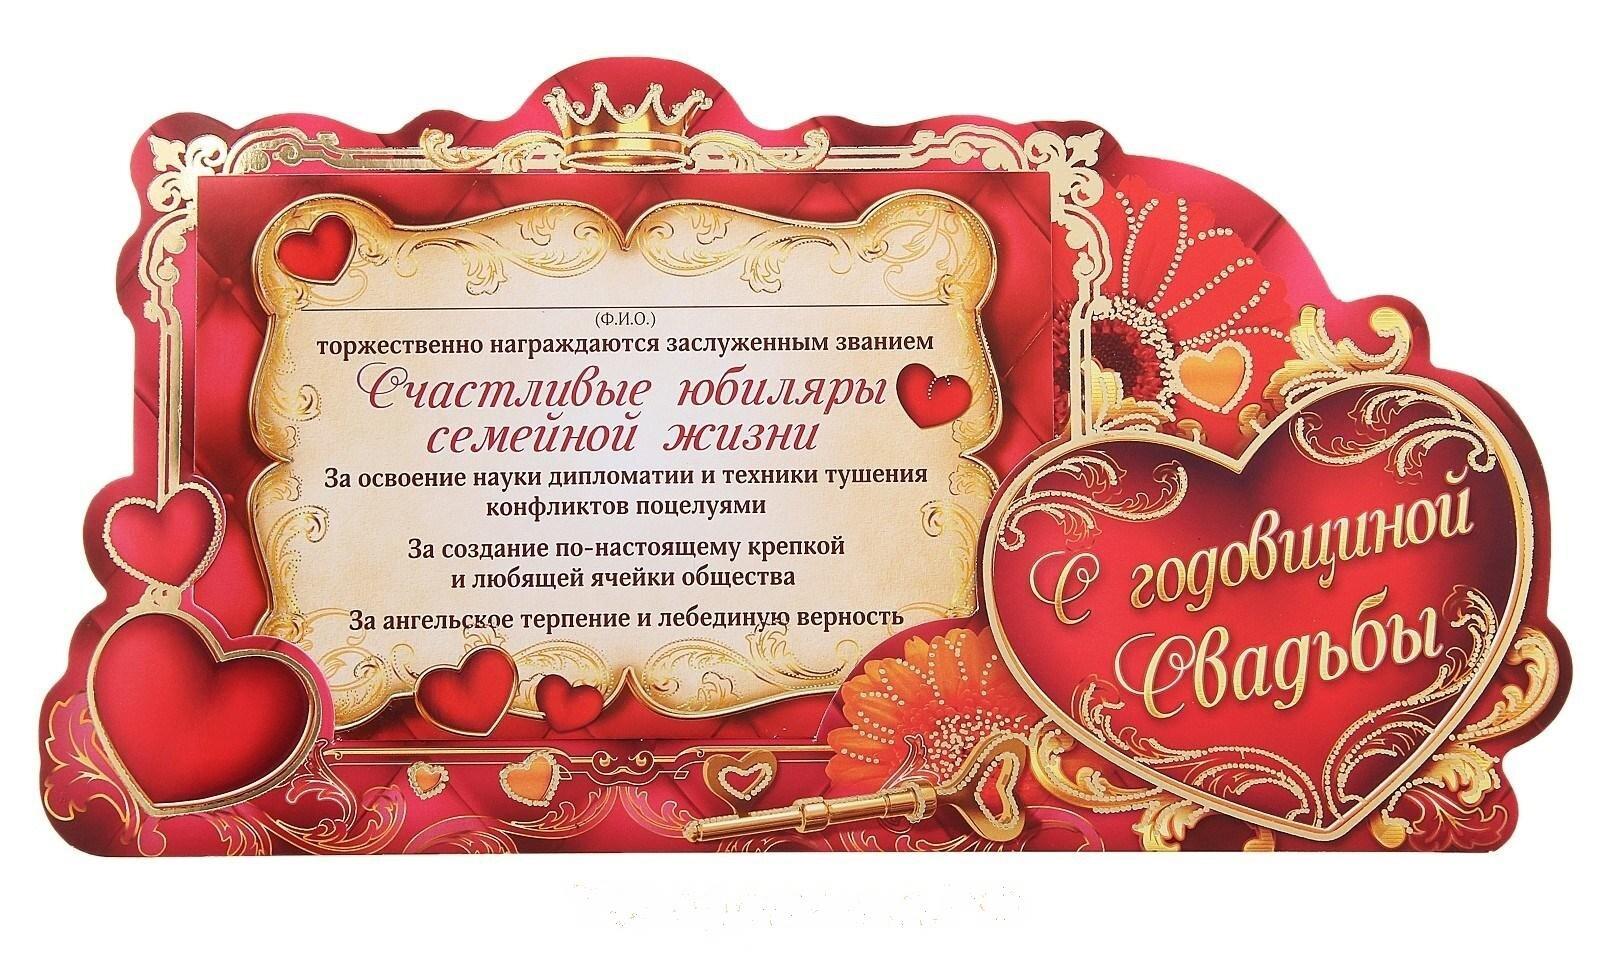 Печать грамот и дипломов для рубиновой свадьбы в Москве   фото 2